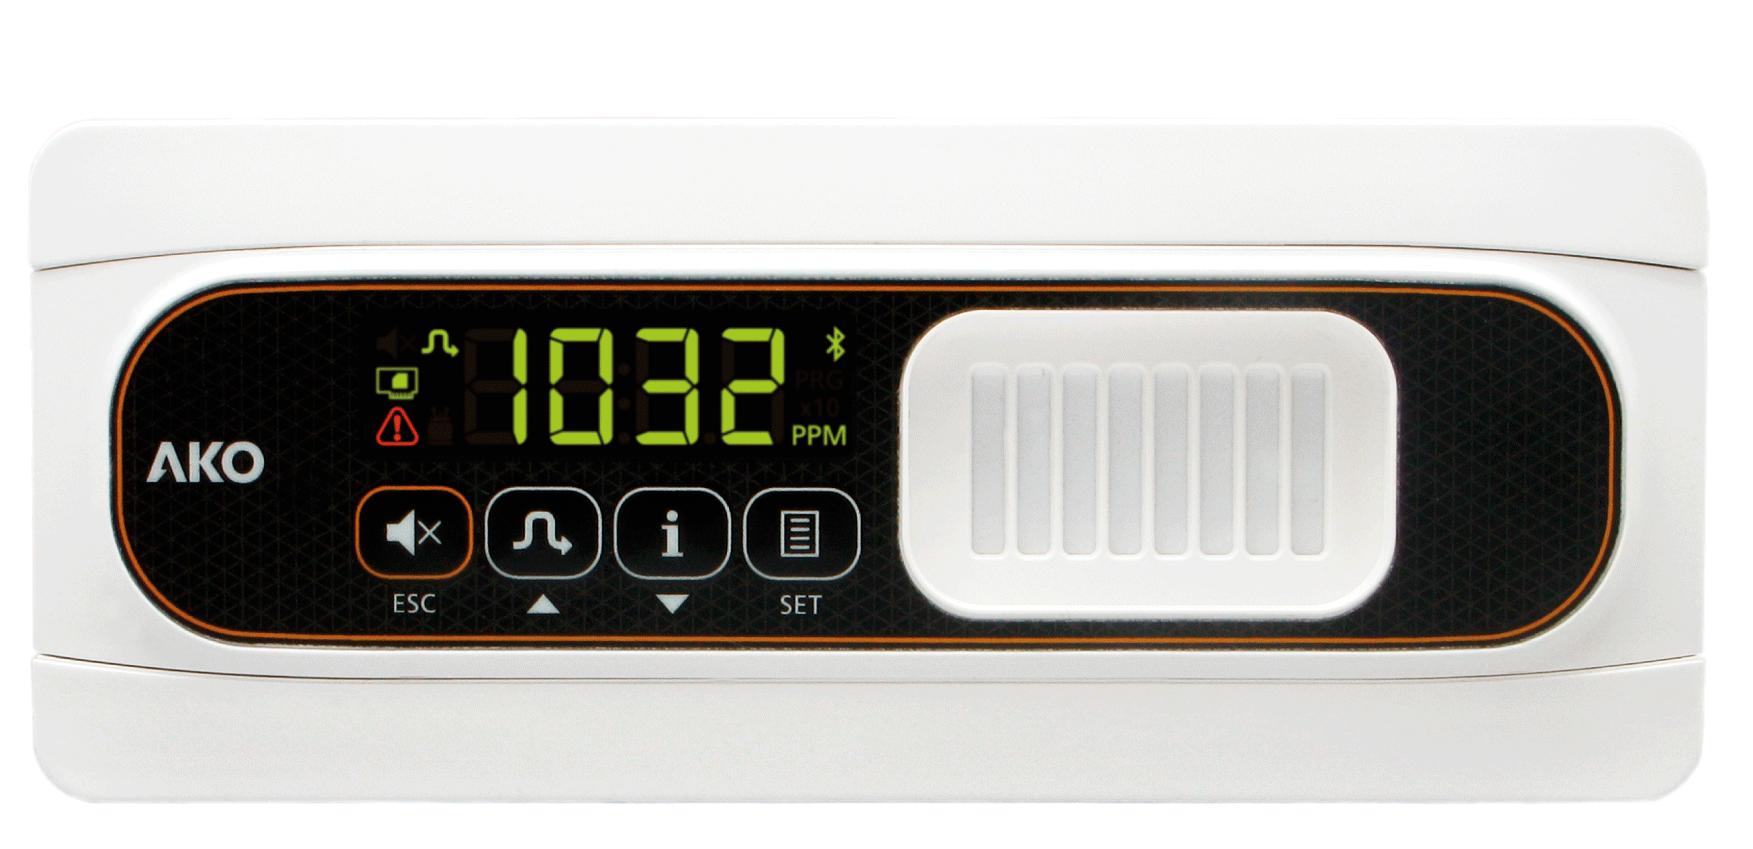 AKOGAS-ako-monitor-fugas-gas-infrarojo